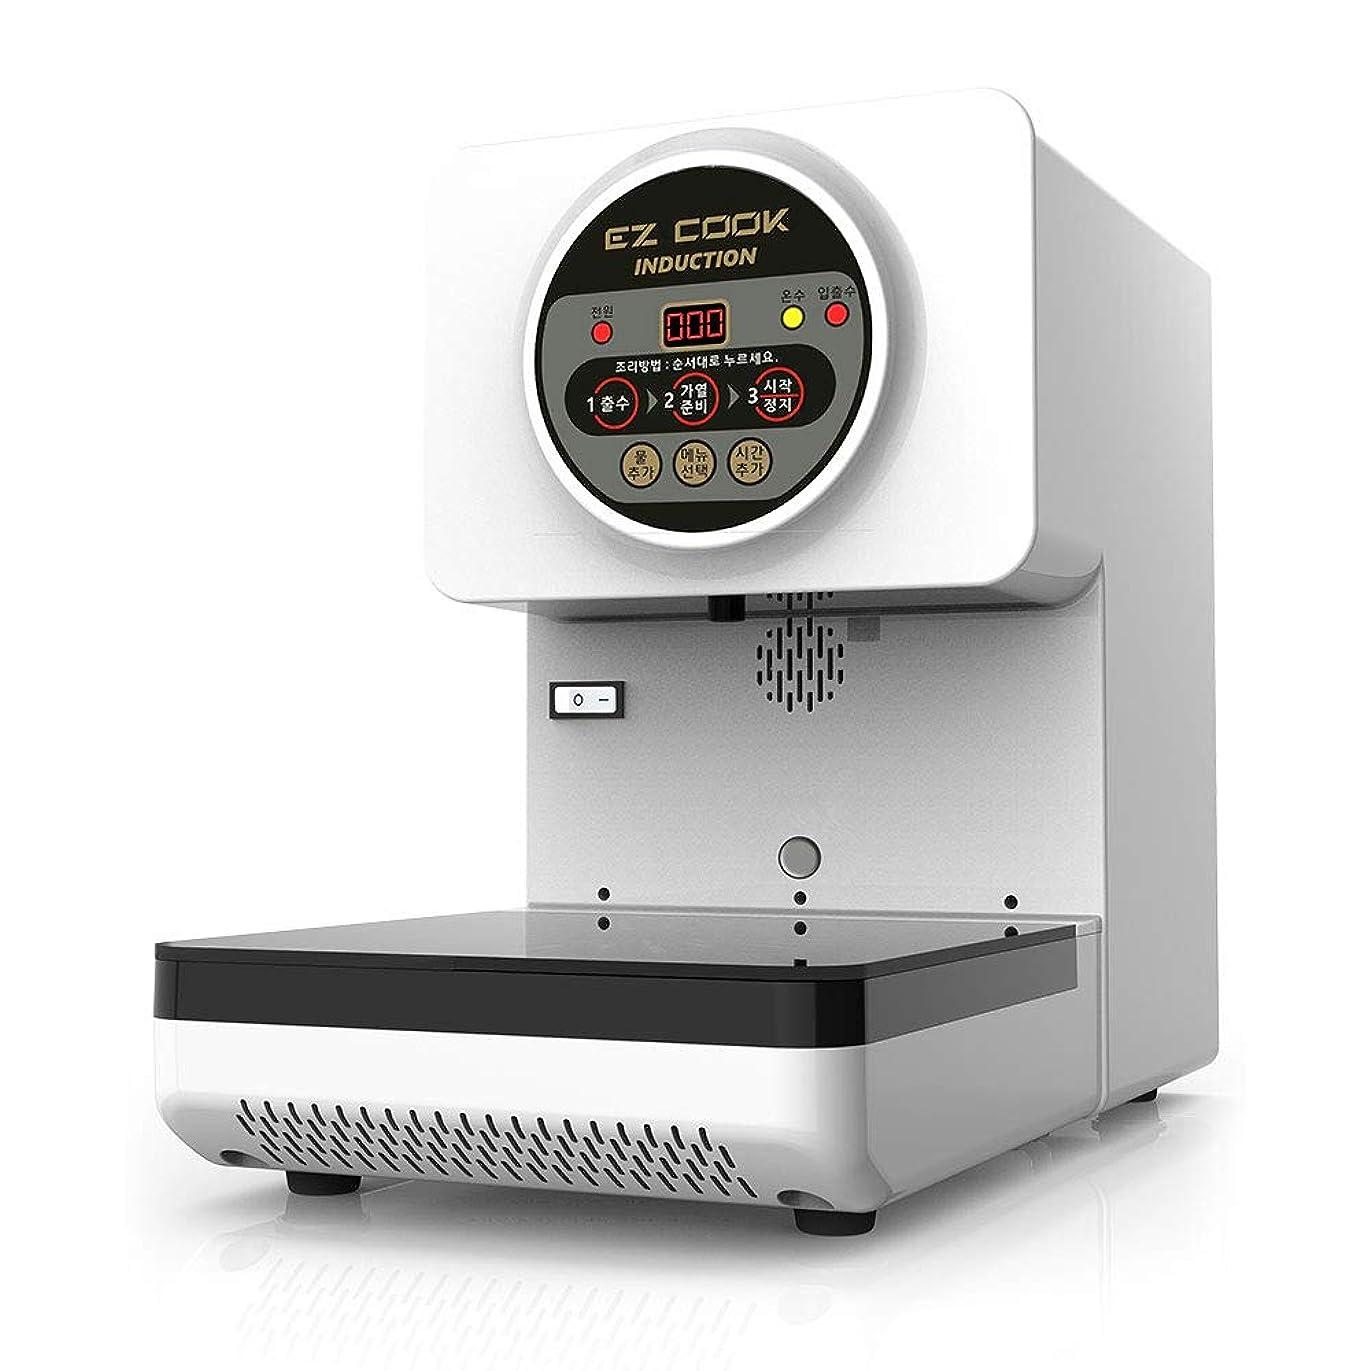 仲間階交換CAN EZ COOK 韓国式 インスタント ラーメン 用 自動調理機 即席 韓国 漢江 麺 自動 調理 マシン 220V [並行輸入品]